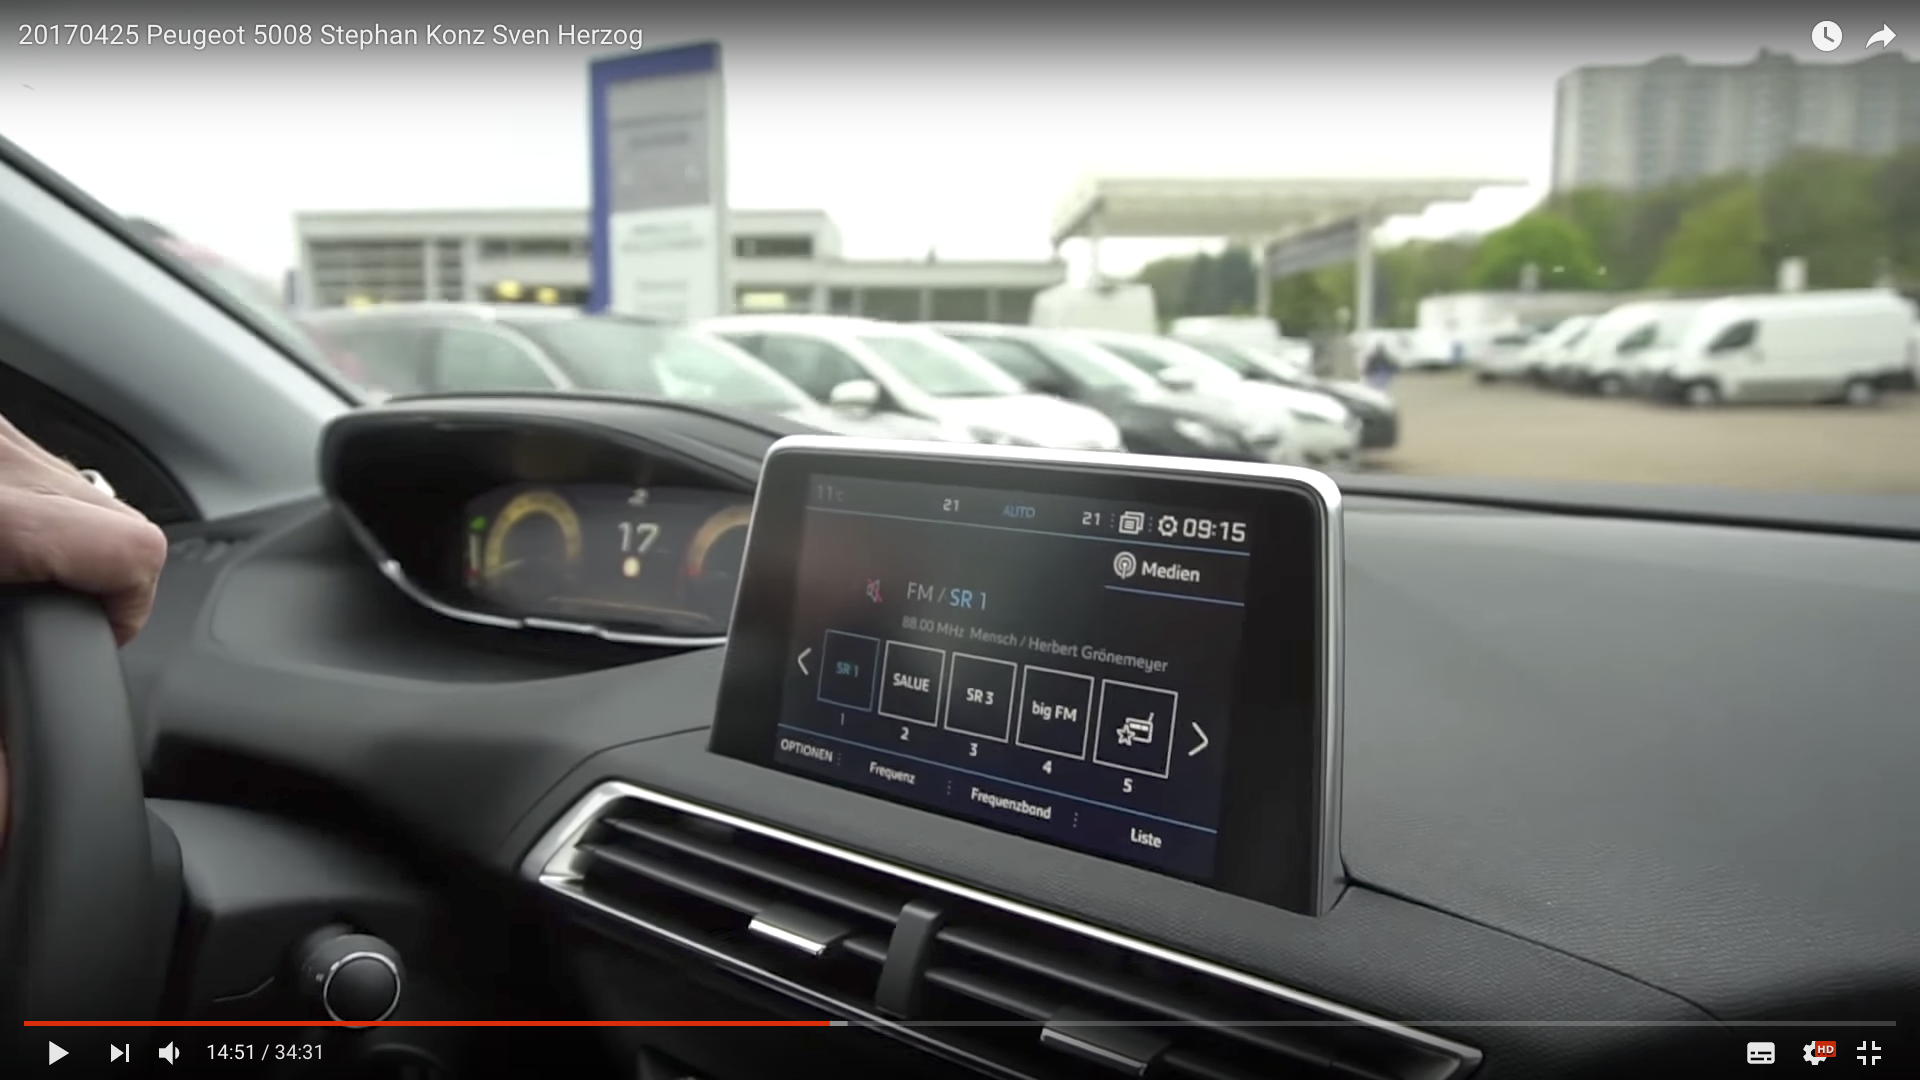 2017 Peugeot 5008 Display_MSM_MEDIEN_SAAR_MOSEL_SAARLAND_FERNSEHEN_1_ED_SAAR